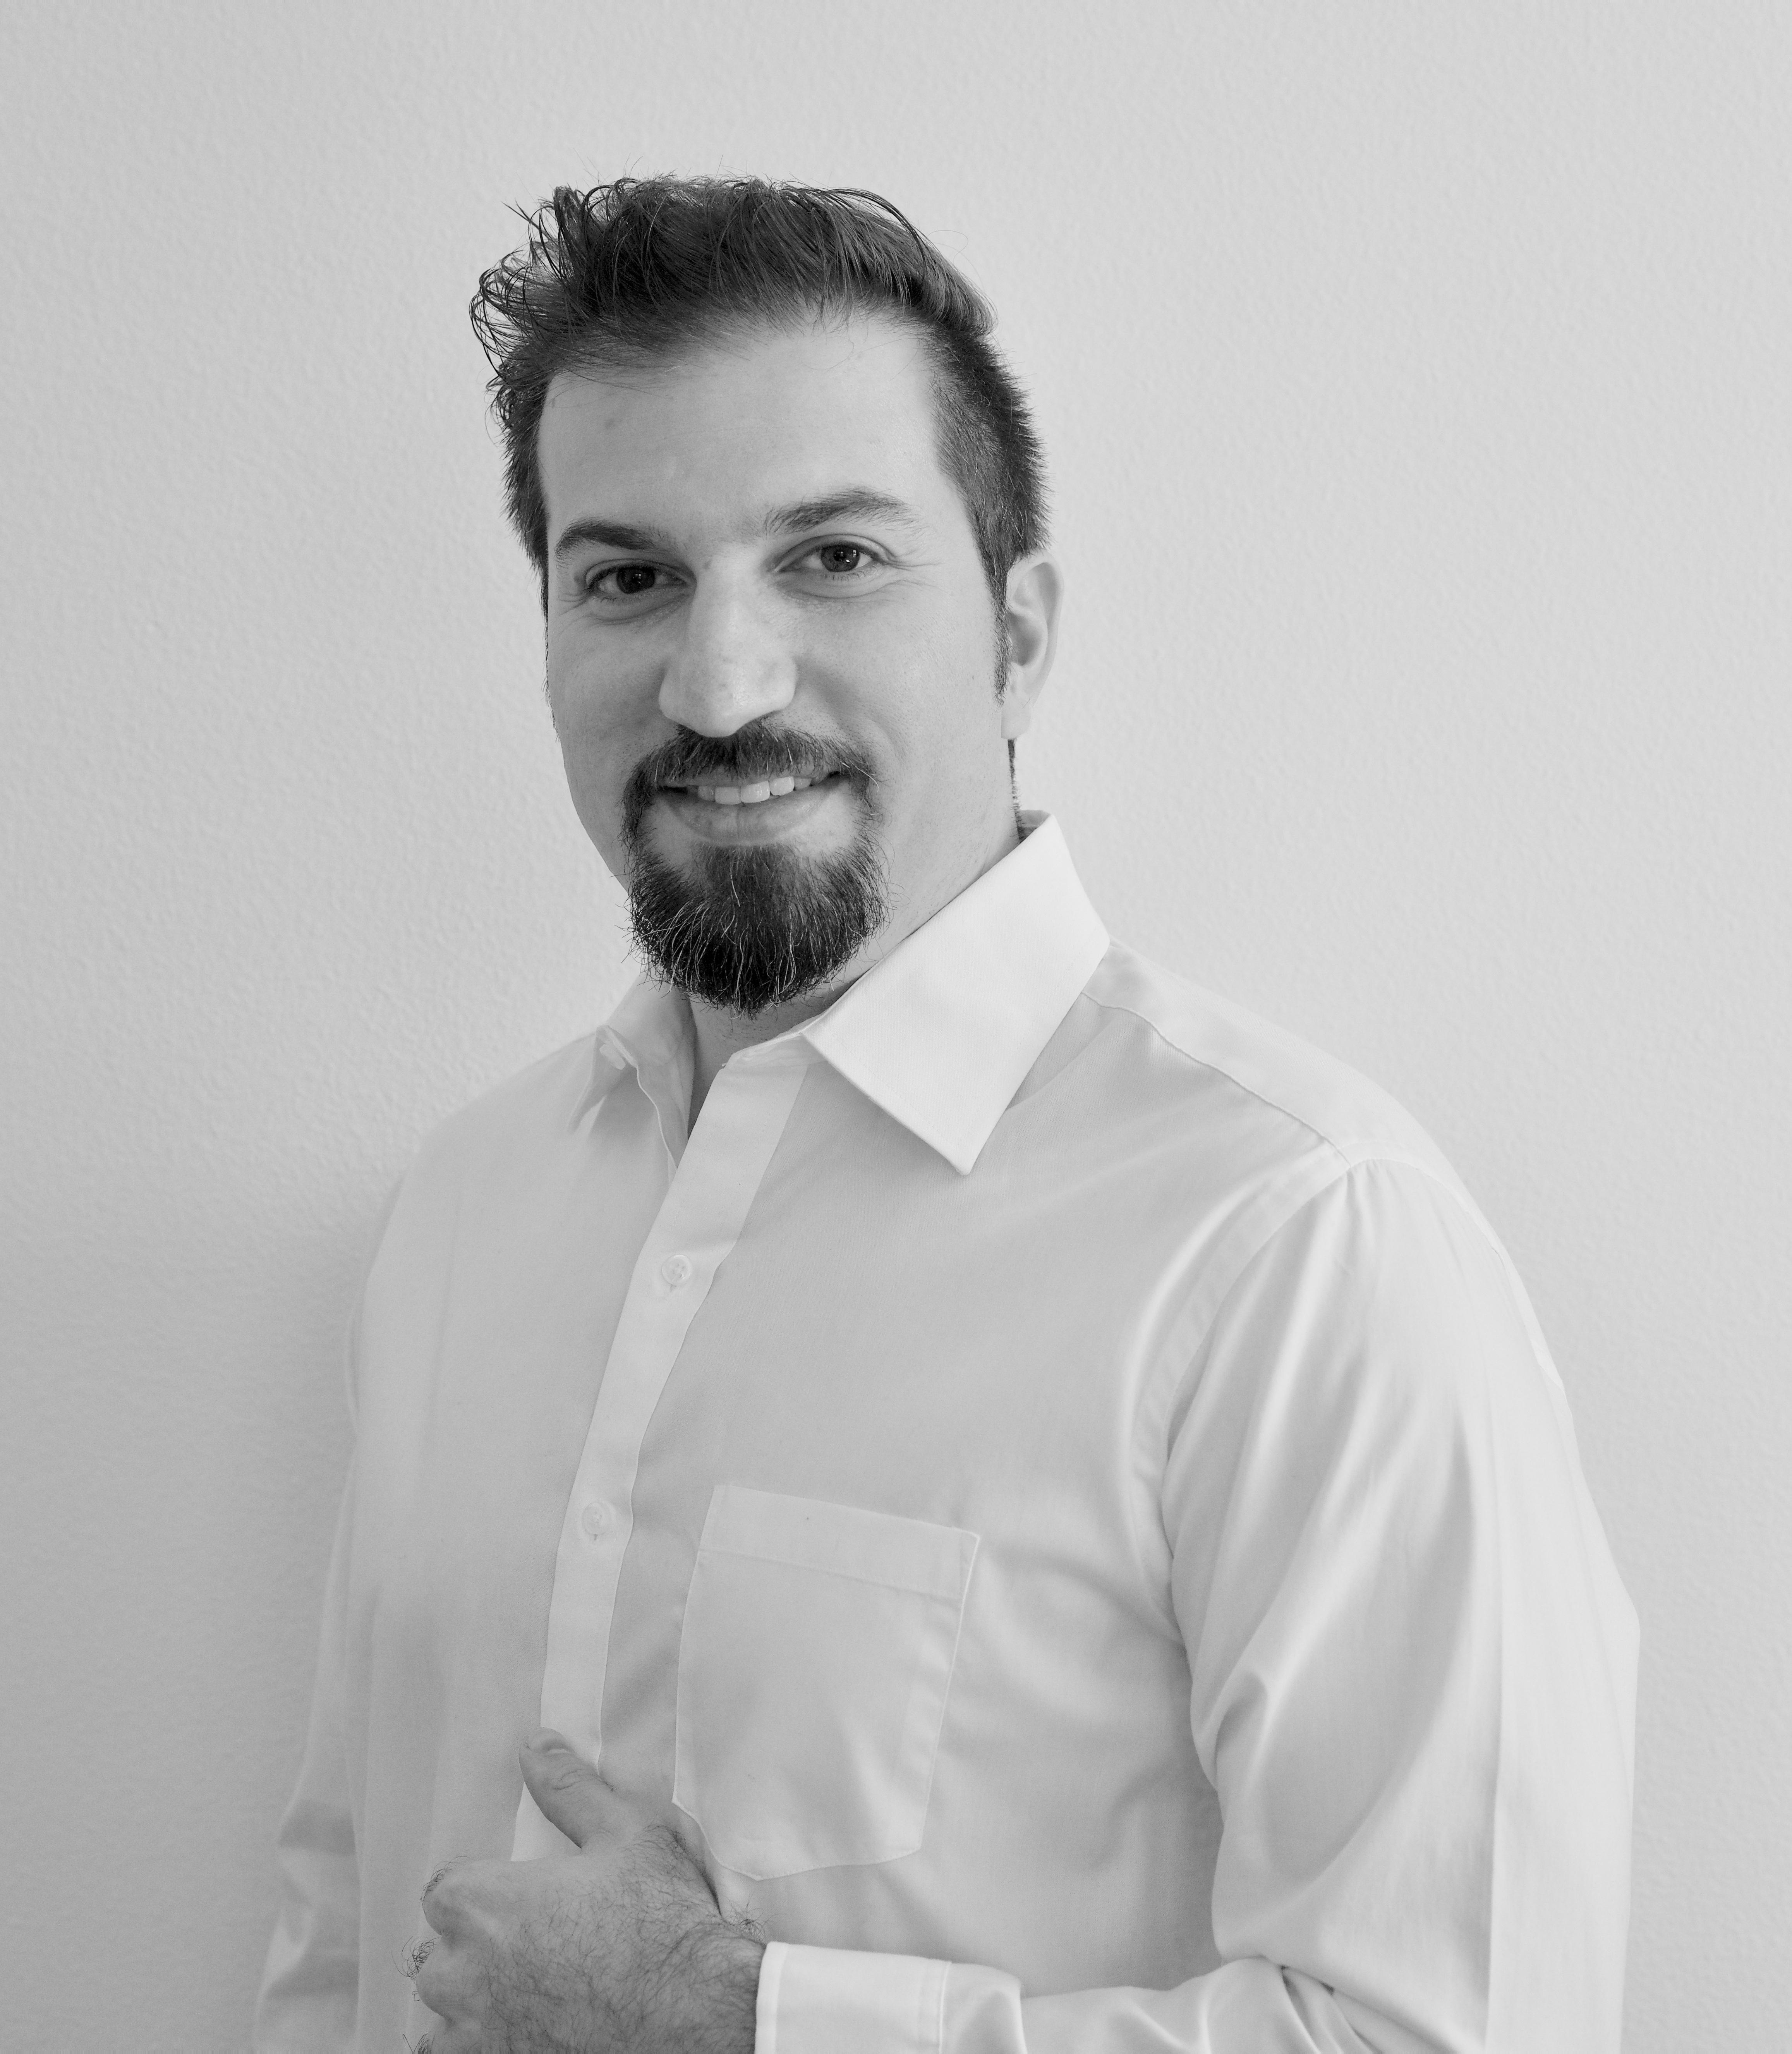 Hossein Tootoonchy